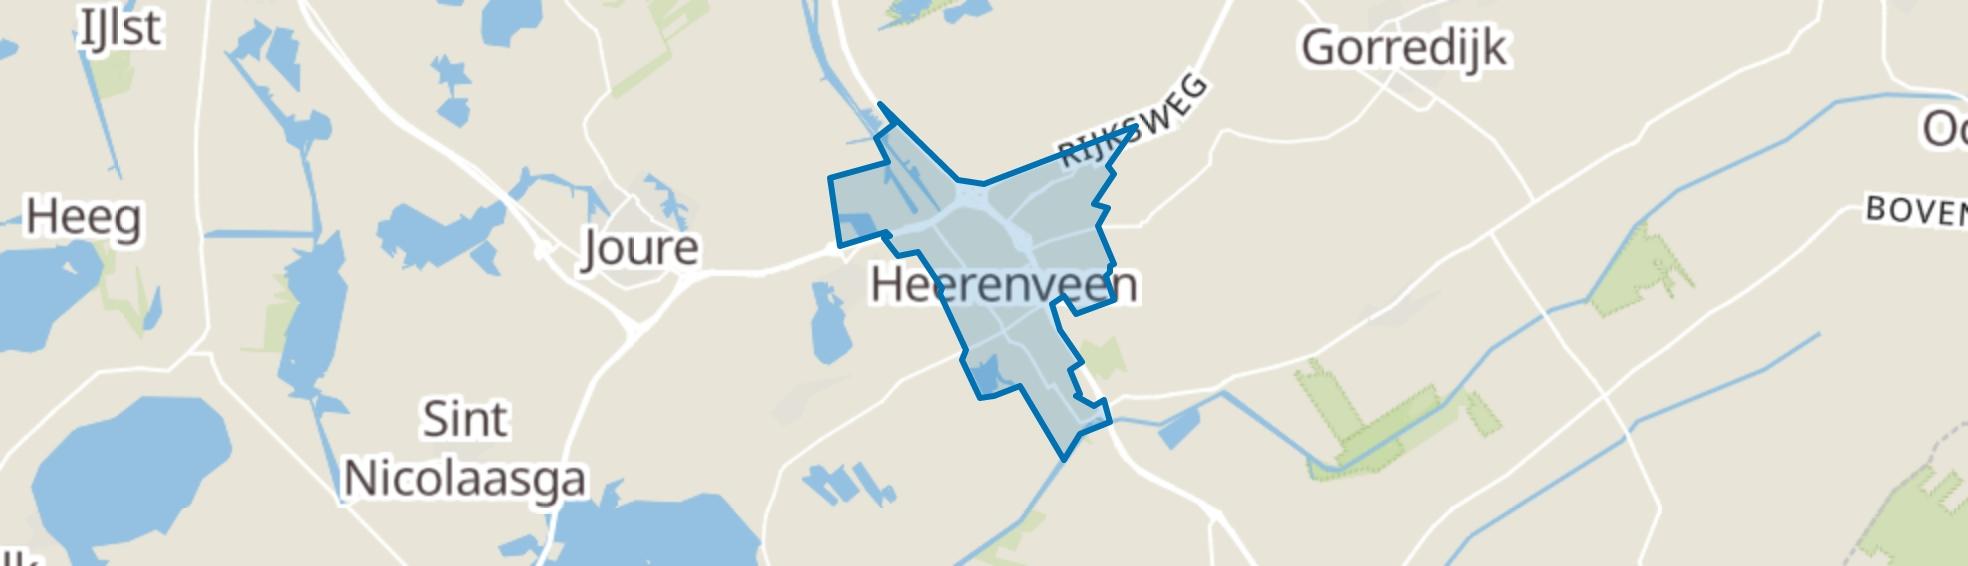 Heerenveen map